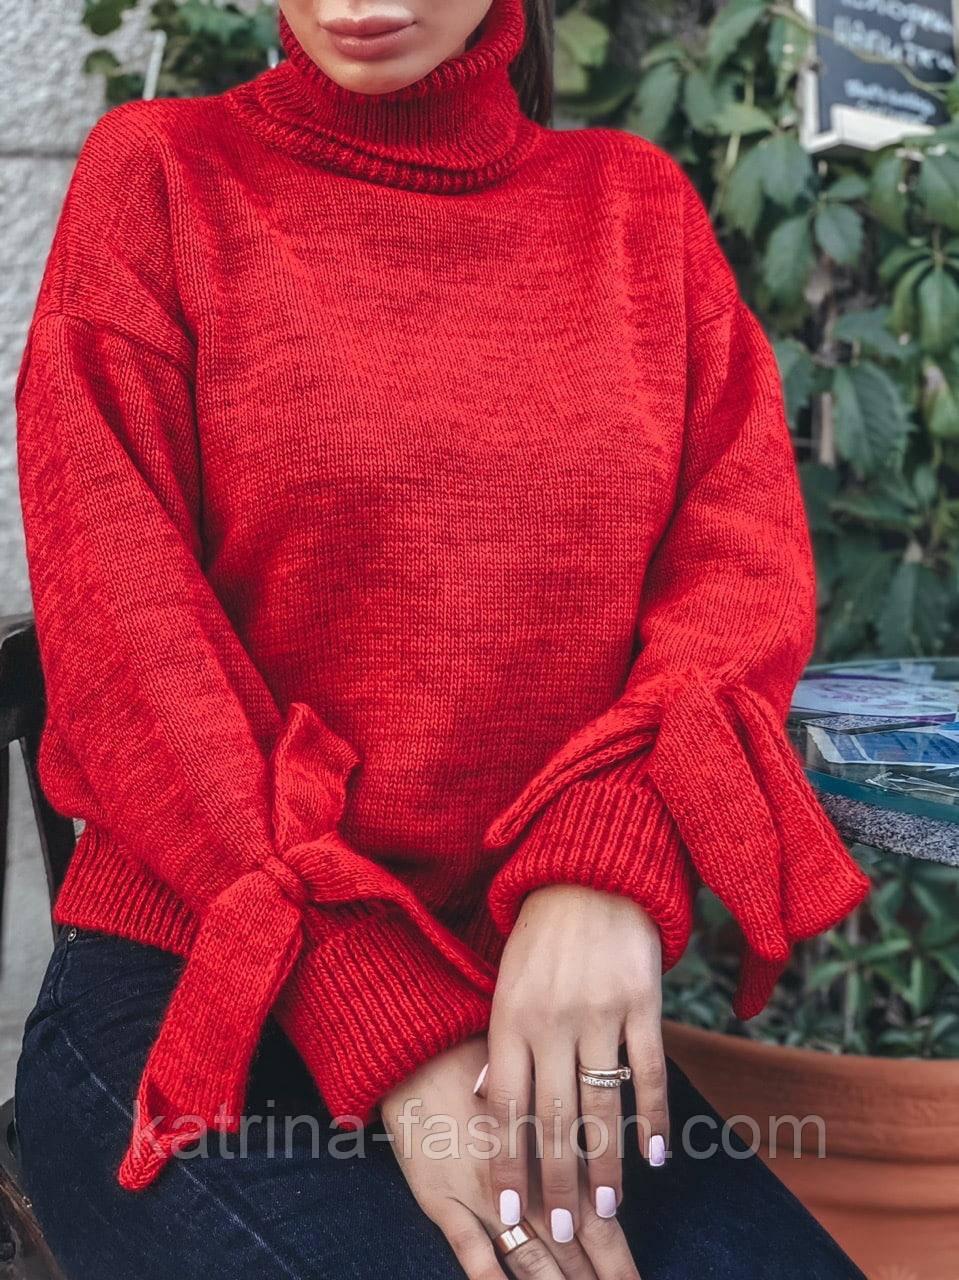 Женский теплый красивый свитер под горло с завязками на рукавах (разные цвета)